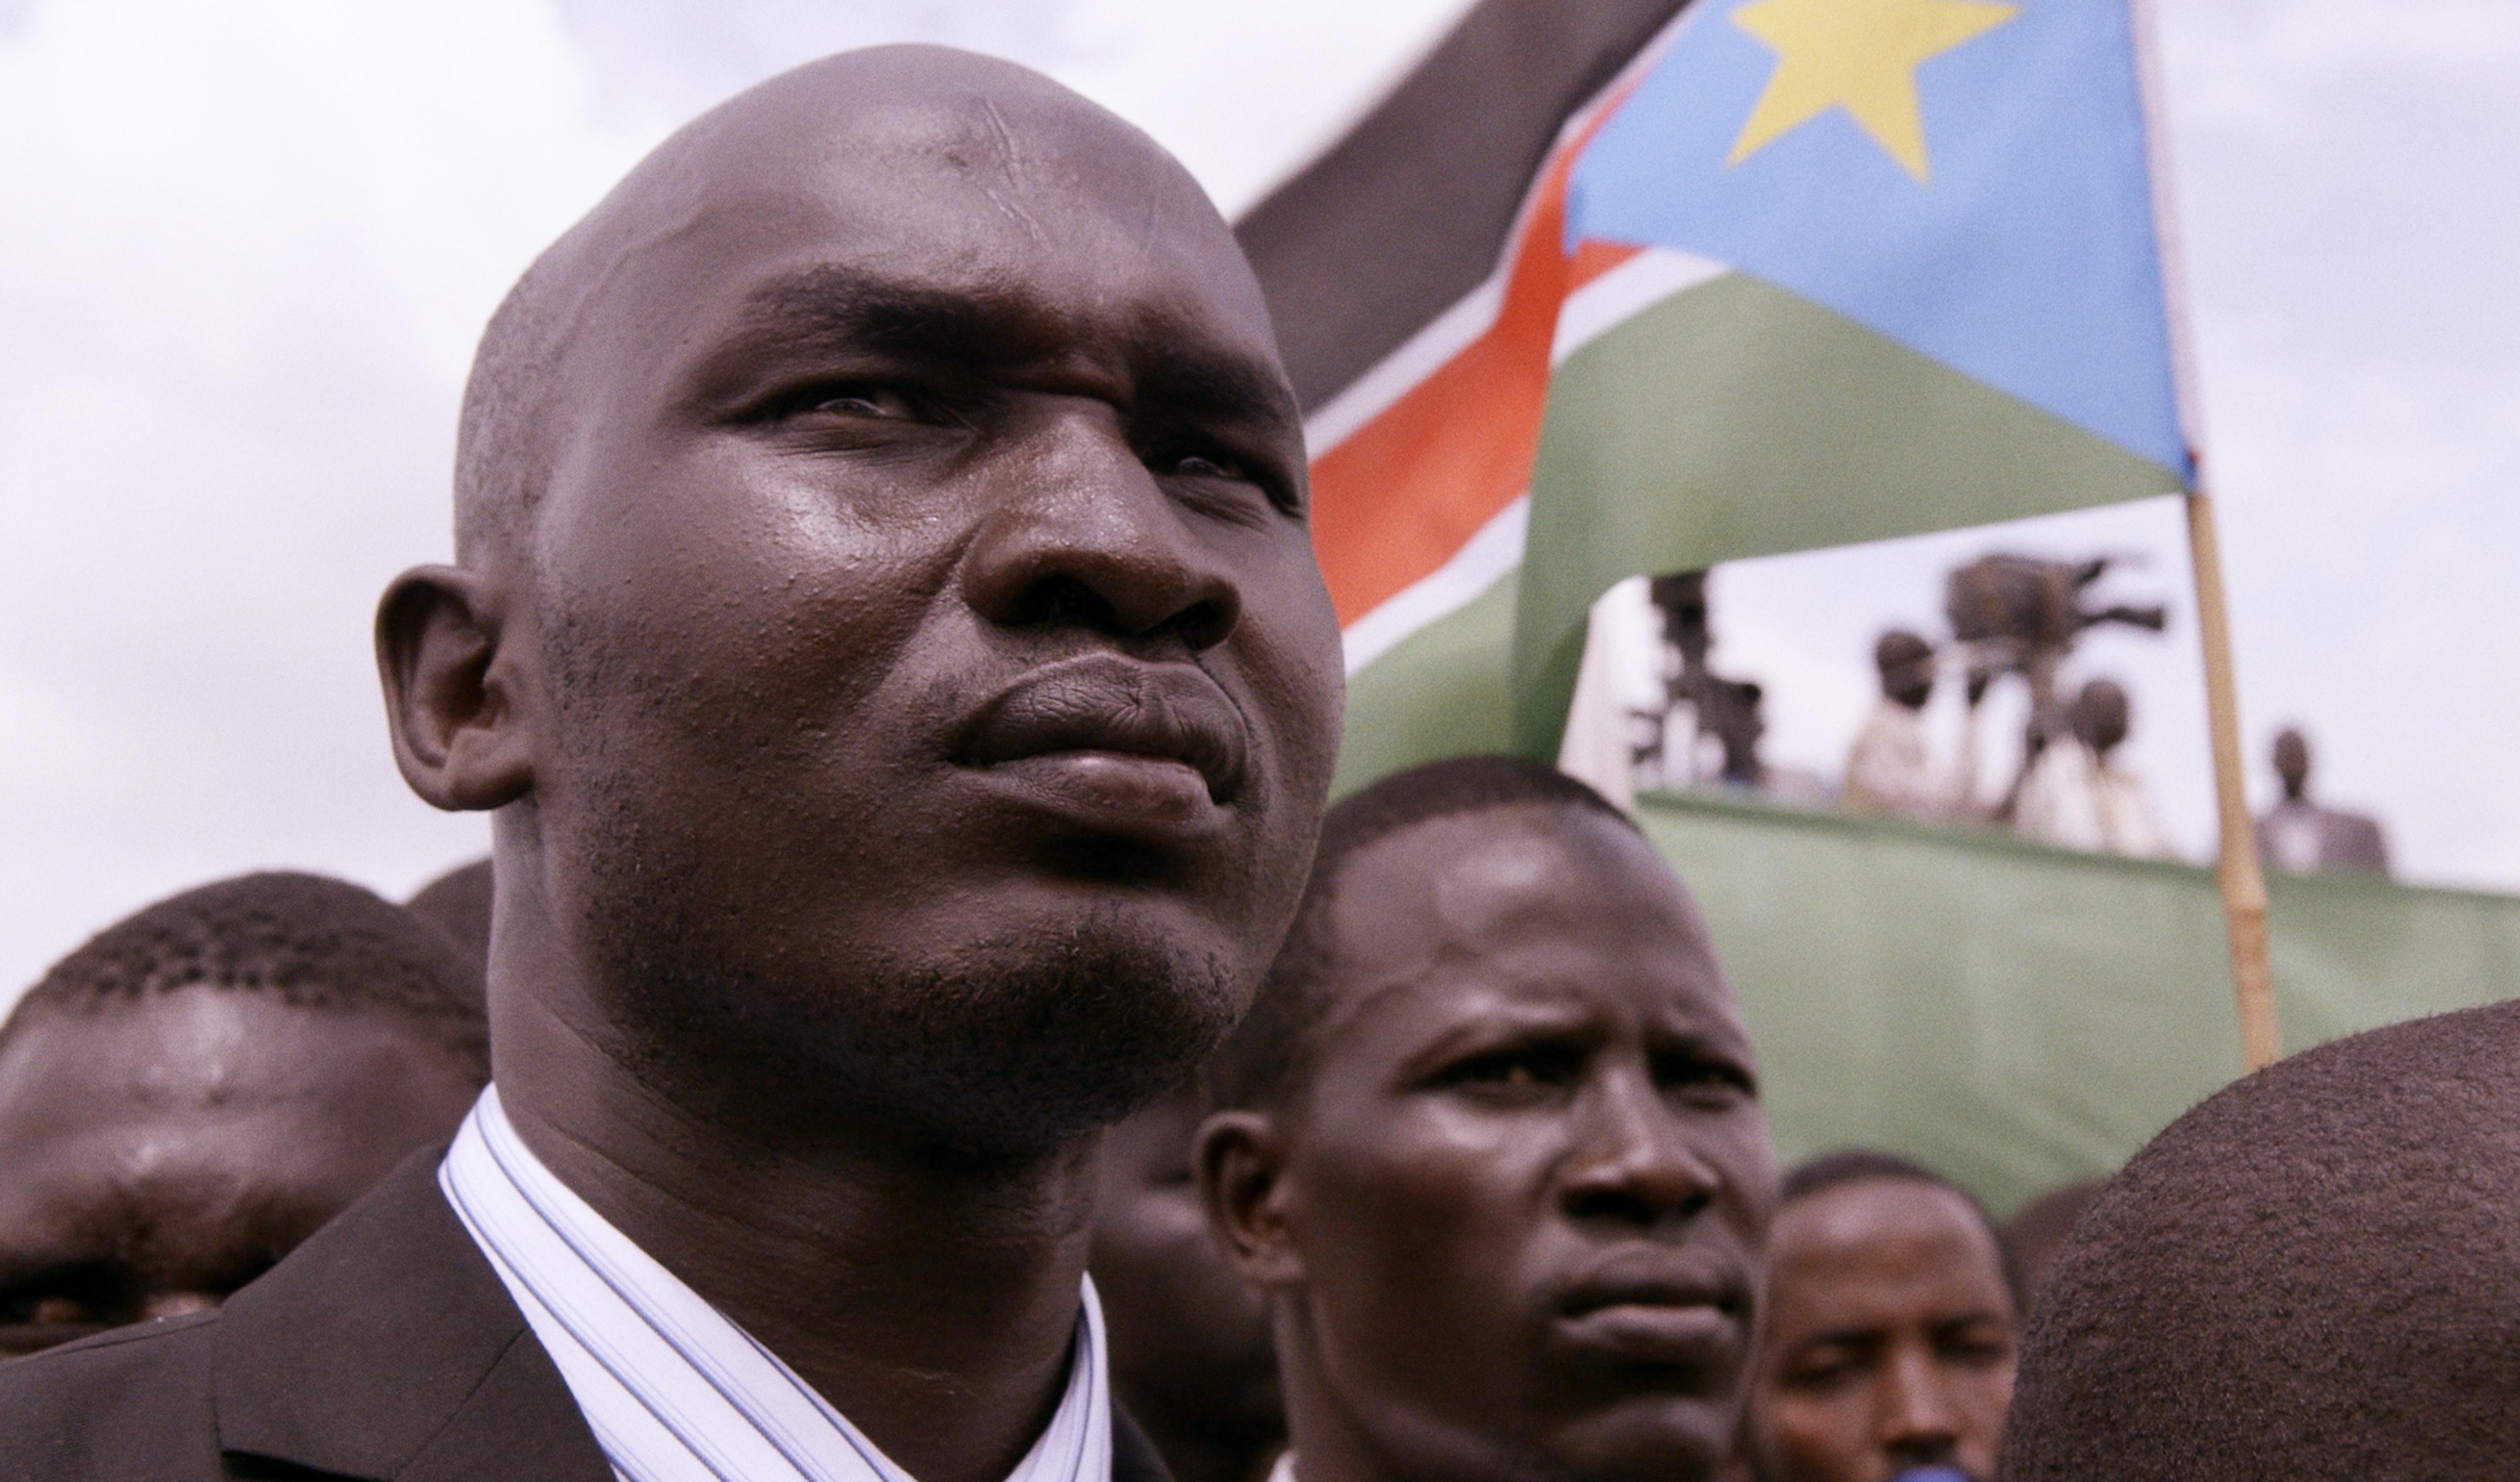 Interview (audio): Hoe maak je een documentaire over Zuid-Sudan?